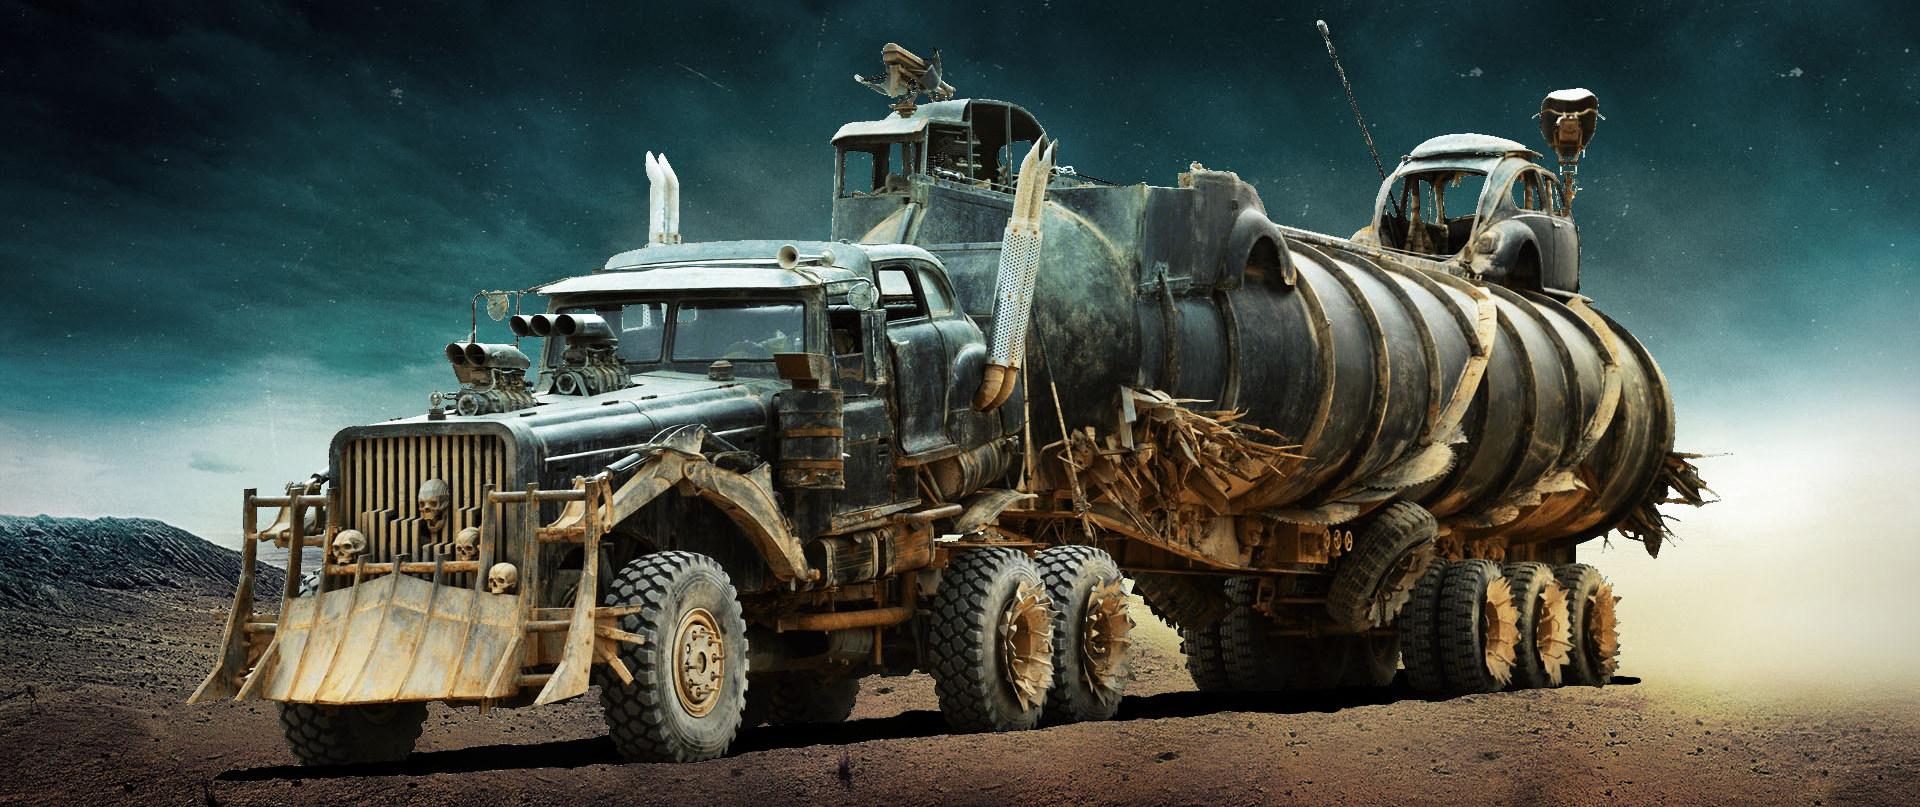 mad-max-fury-road-cars-the-war-rig-tatra-t815-truck-imperator-furiosa-vehicles